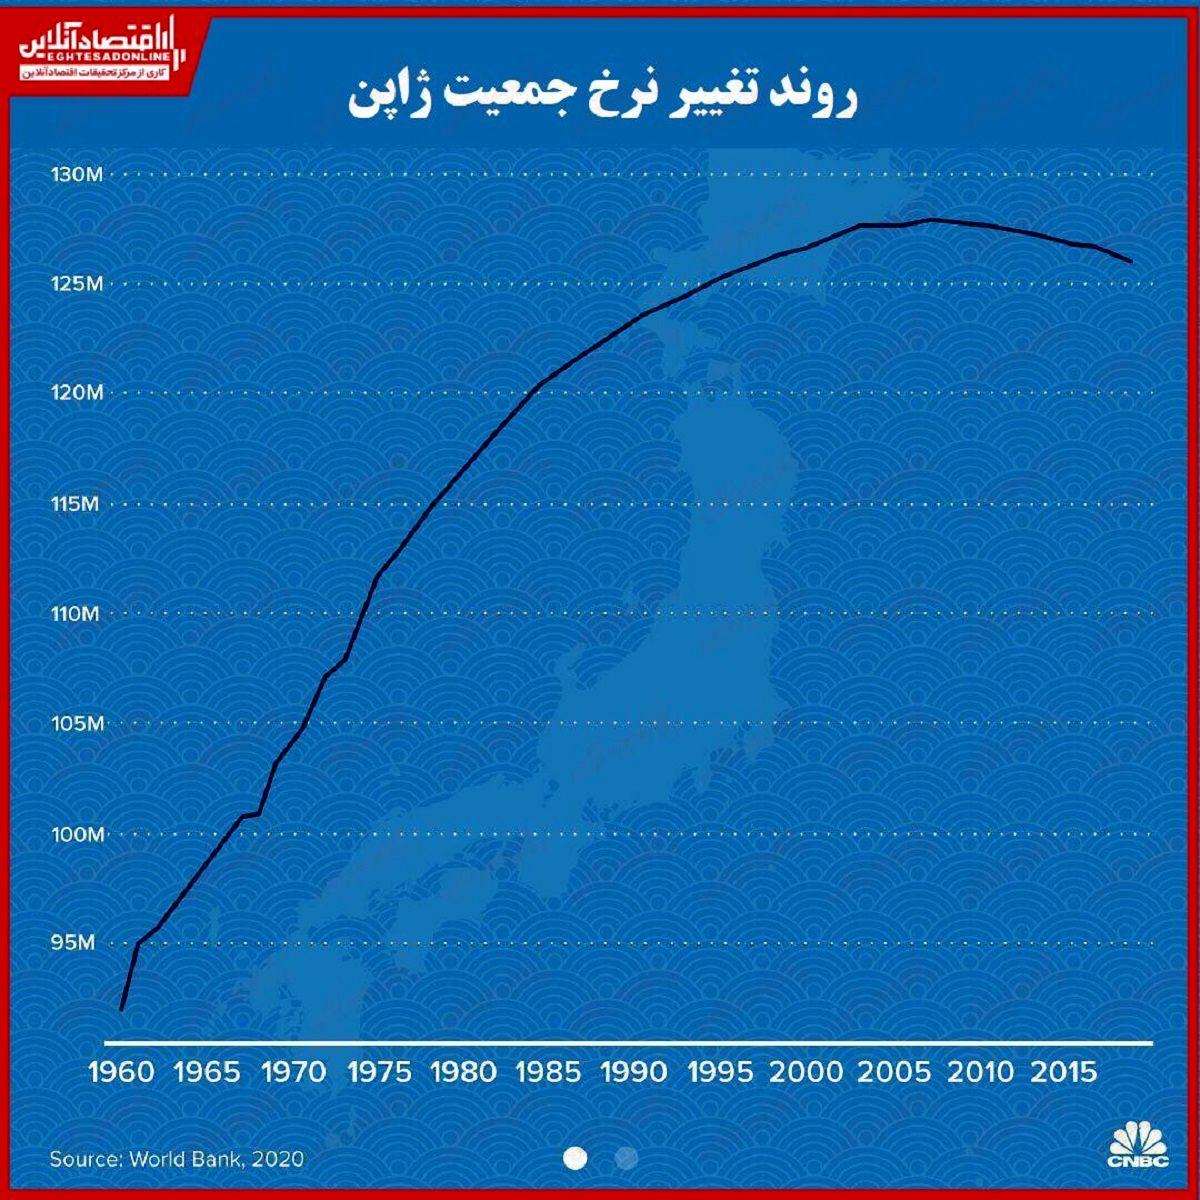 کاهش جمعیت ژاپن چه تاثیری بر اقتصاد آن داشته است؟